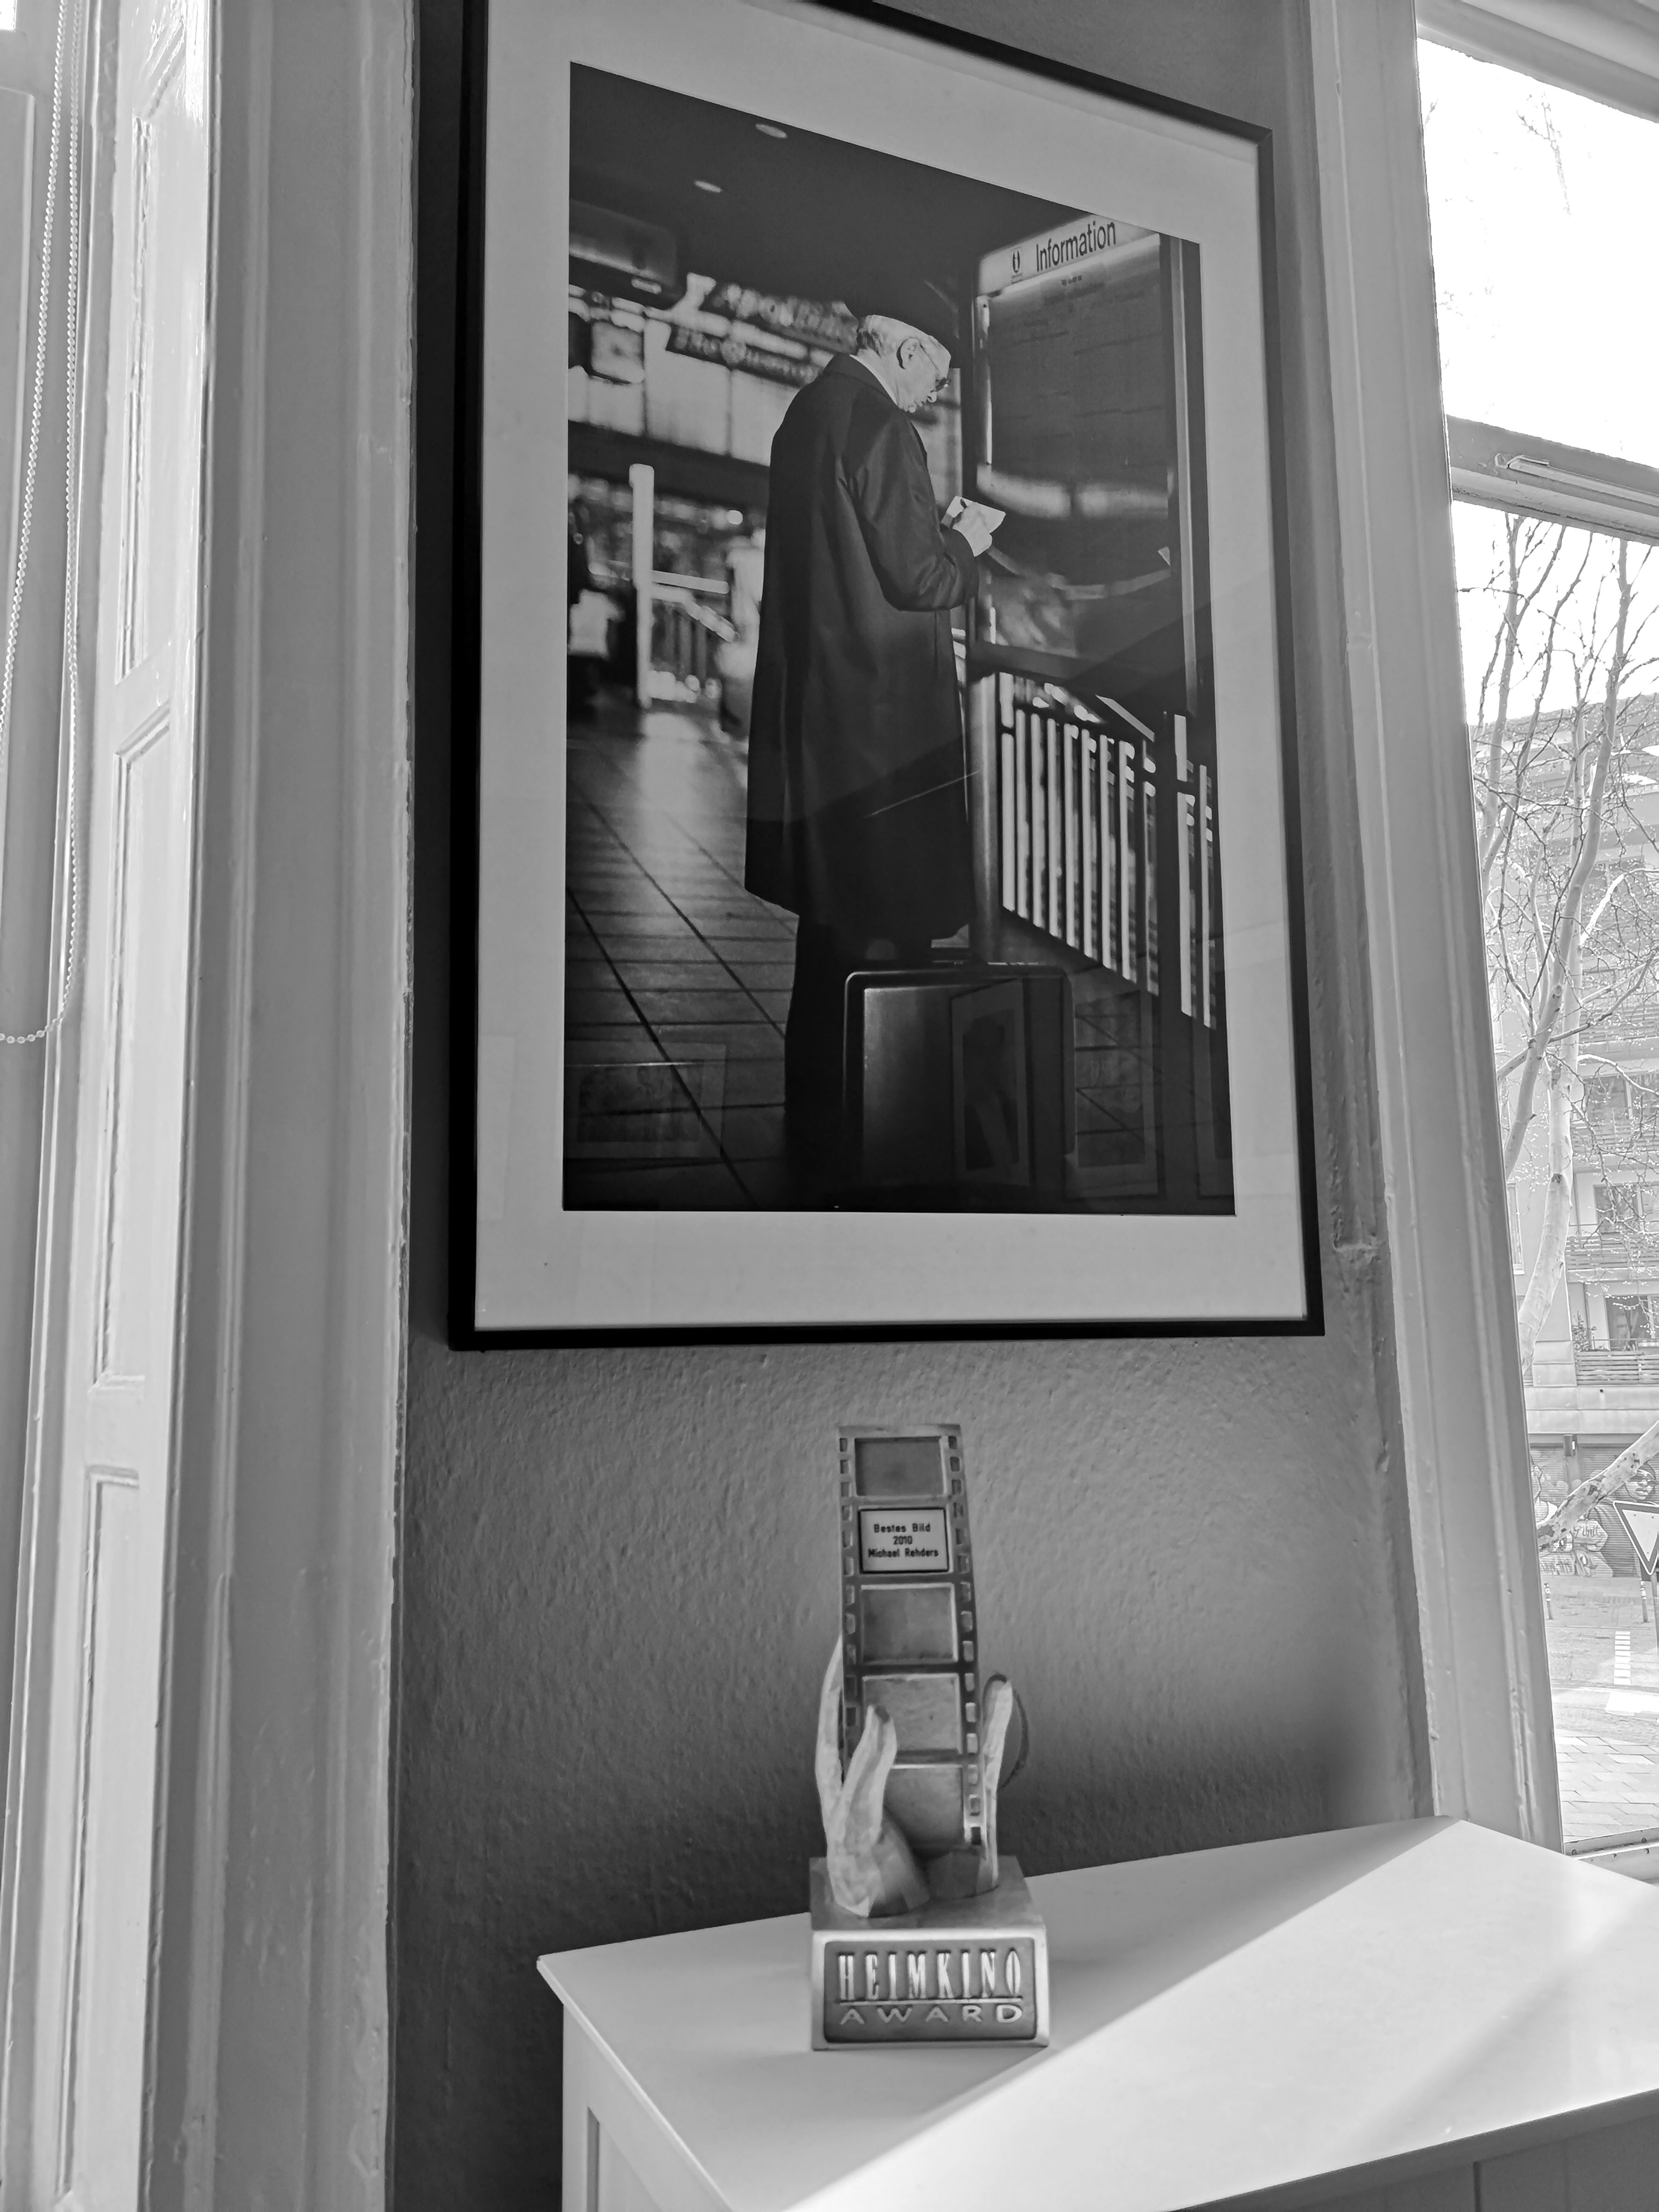 """Foto: Michael B. Rehders - Hier der Award, den ich für das """"Beste Bild 2010"""" von der HEIMKINO bekommen habe. Inzwischen schreibe ich sogar für das Magazin."""